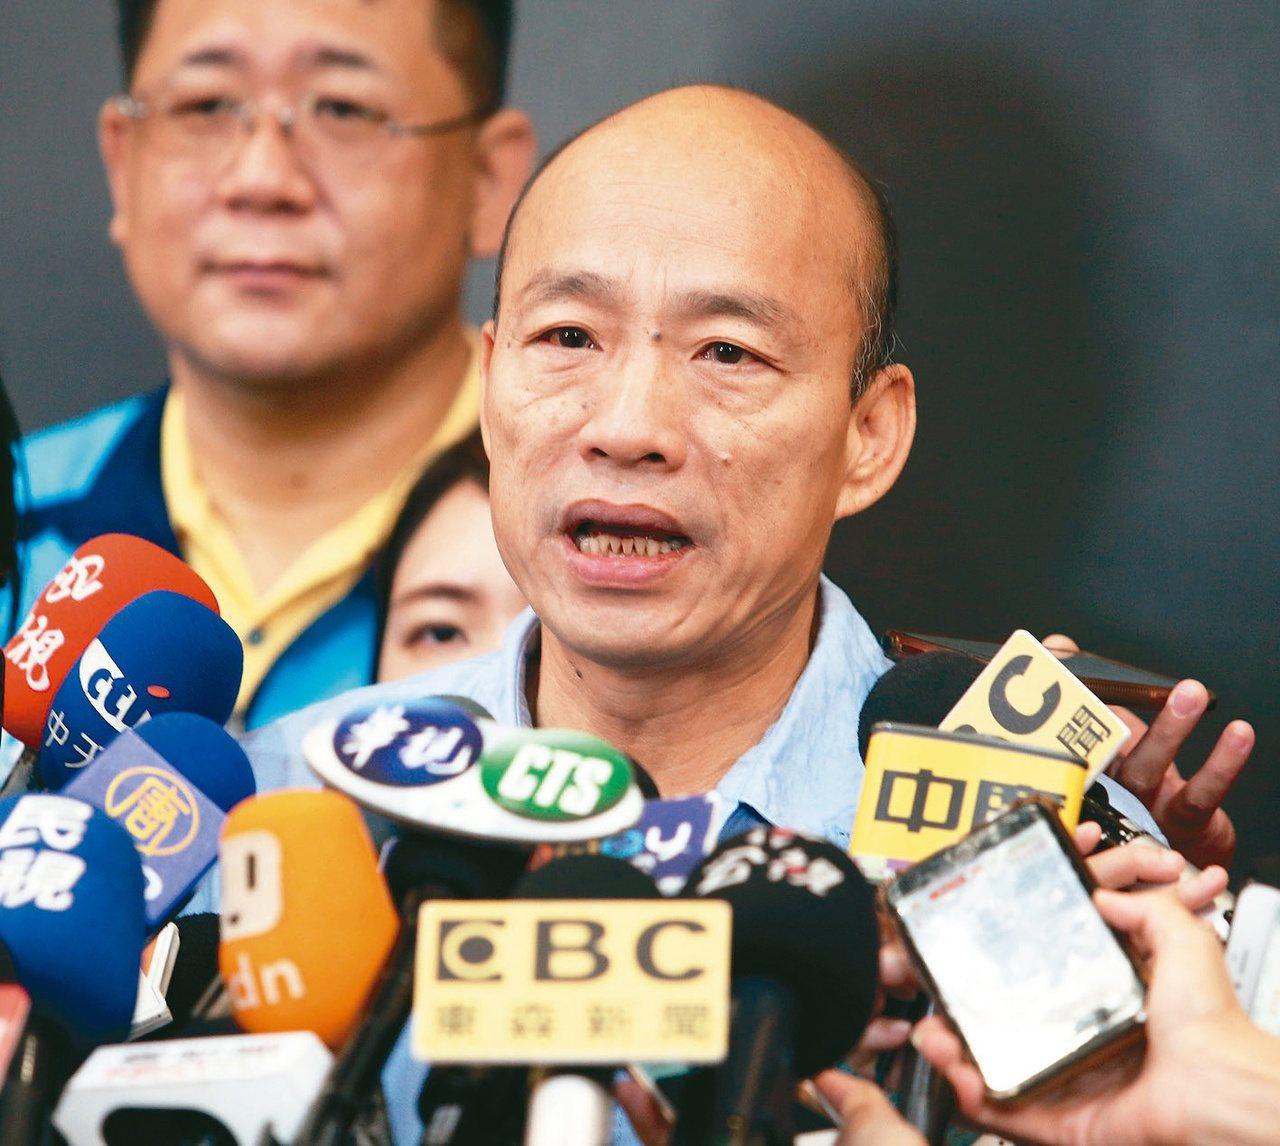 韓國瑜競選總部今晚表示,部分媒體登載韓國瑜政治獻金買酒、保養品和面膜,並非事實。...